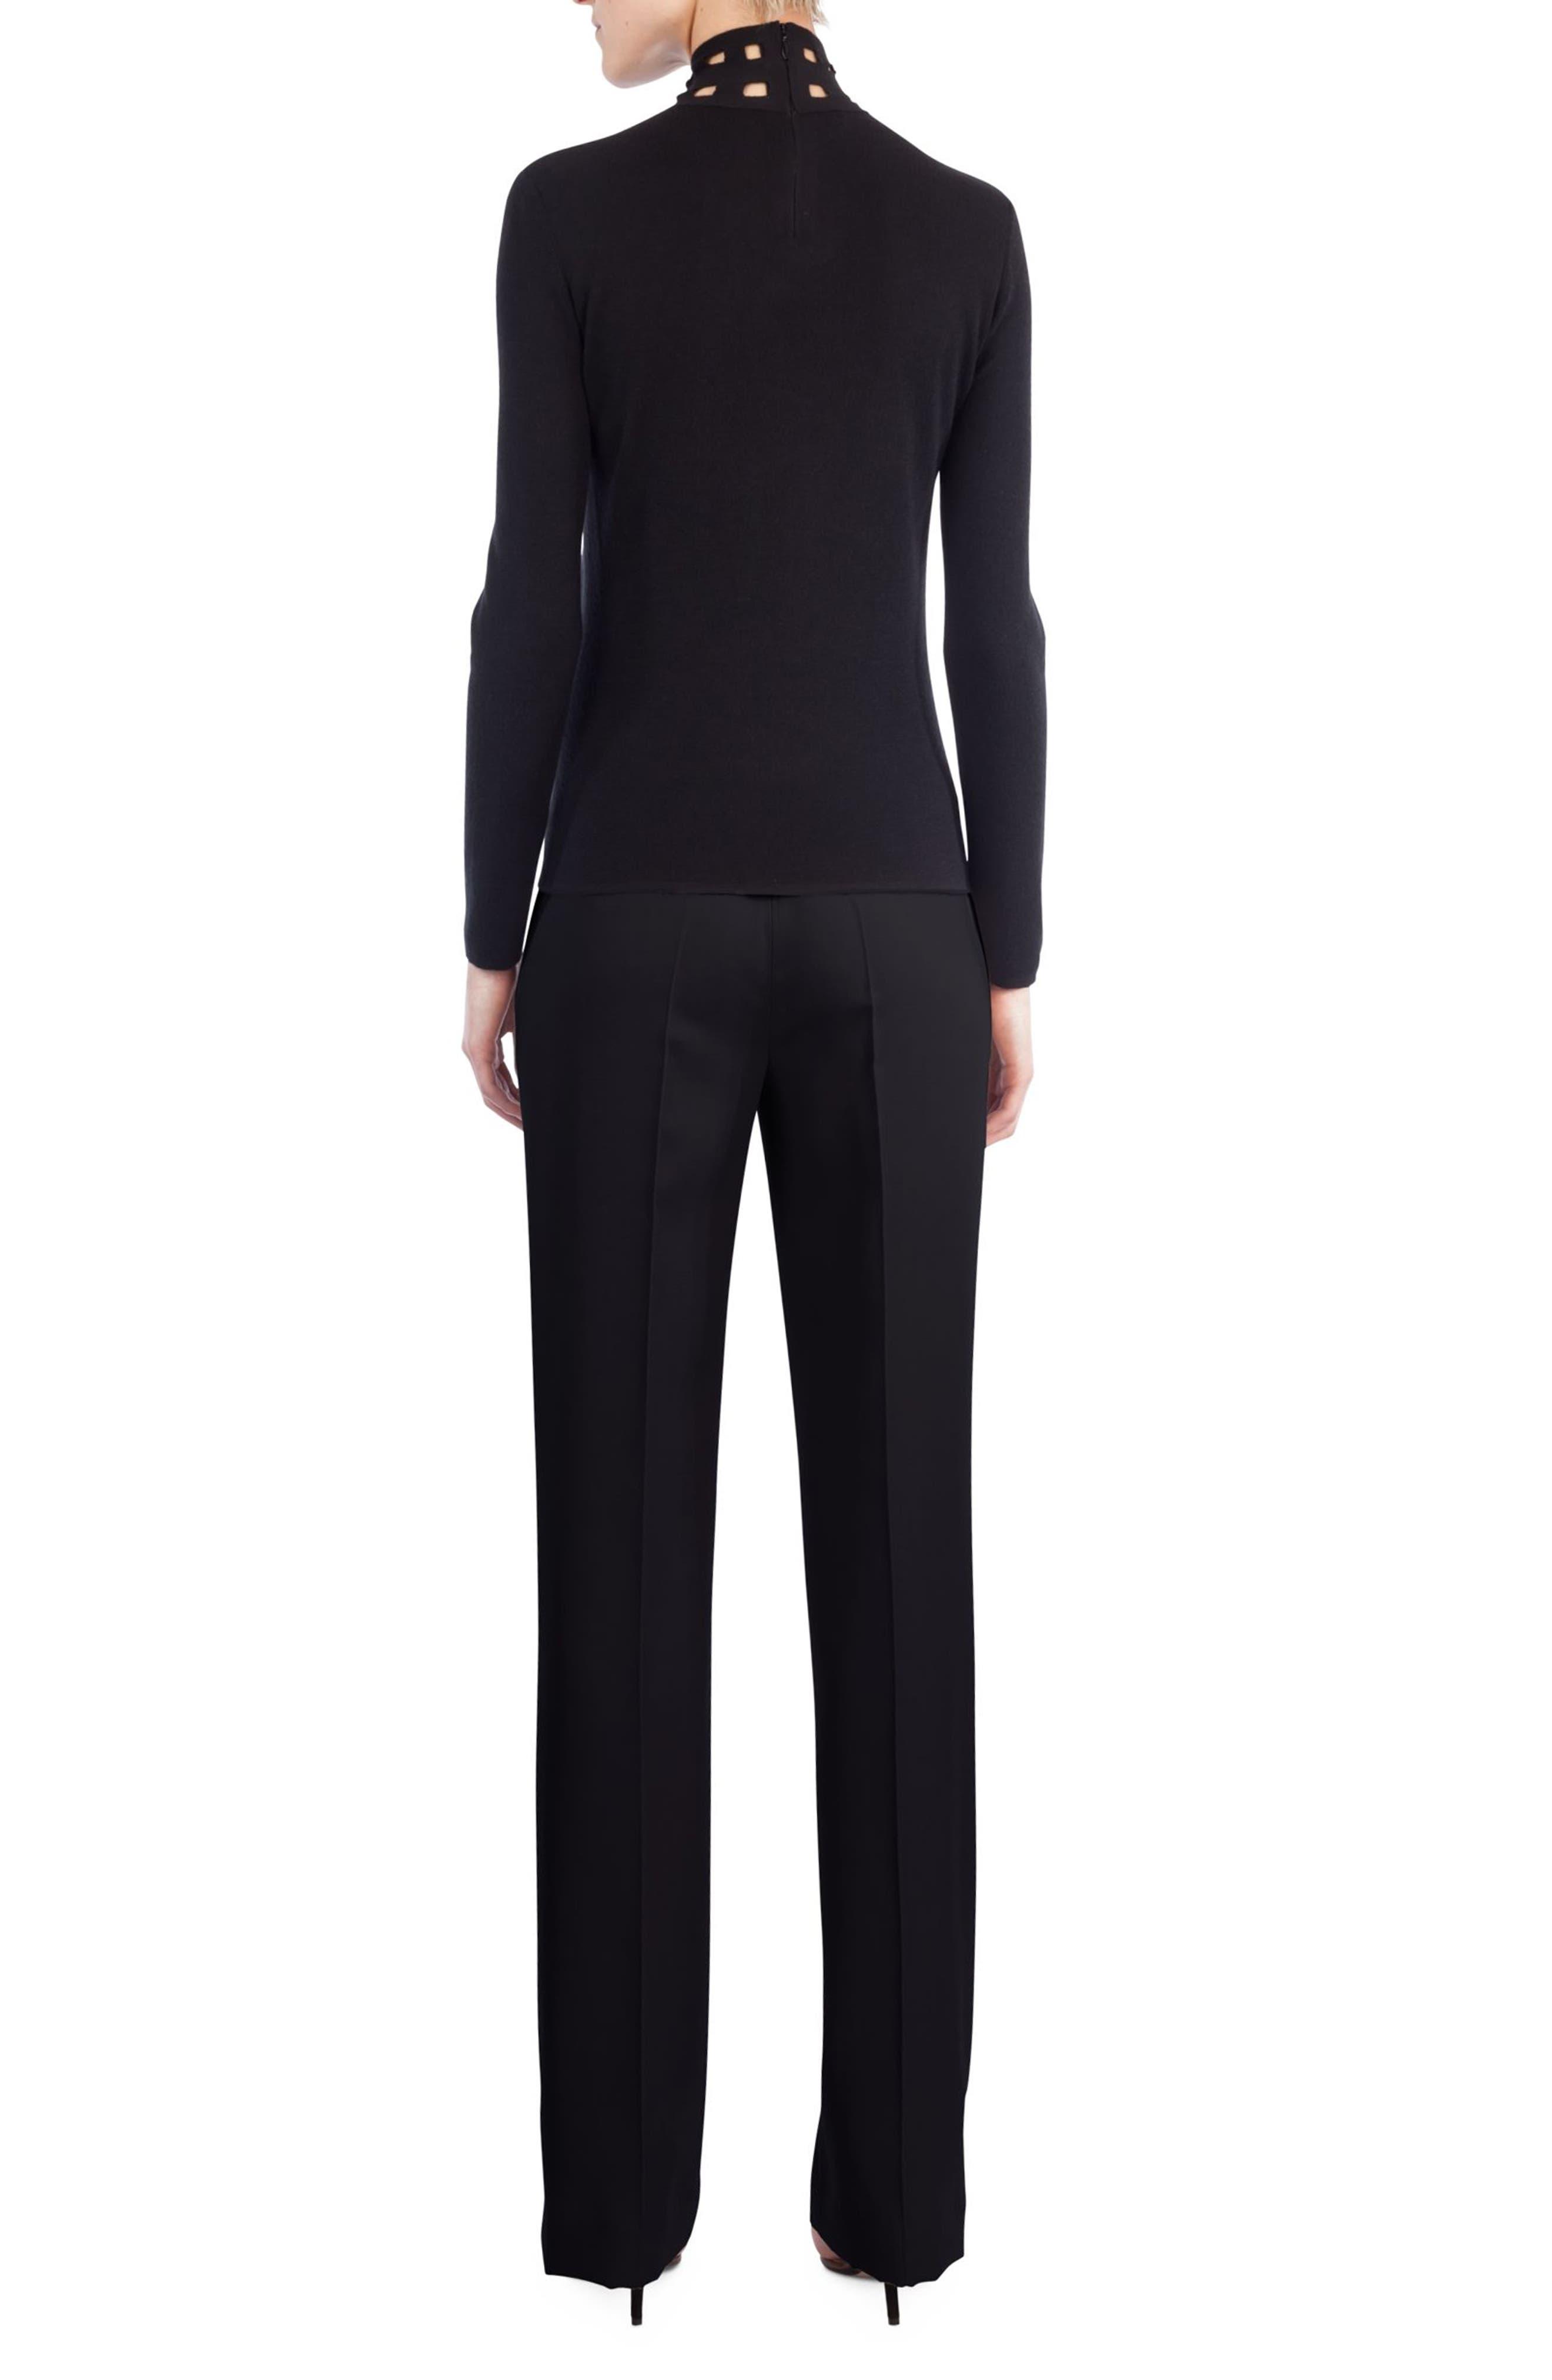 St. Gallen Cutout Cashmere & Silk Turtleneck Sweater,                             Alternate thumbnail 2, color,                             009